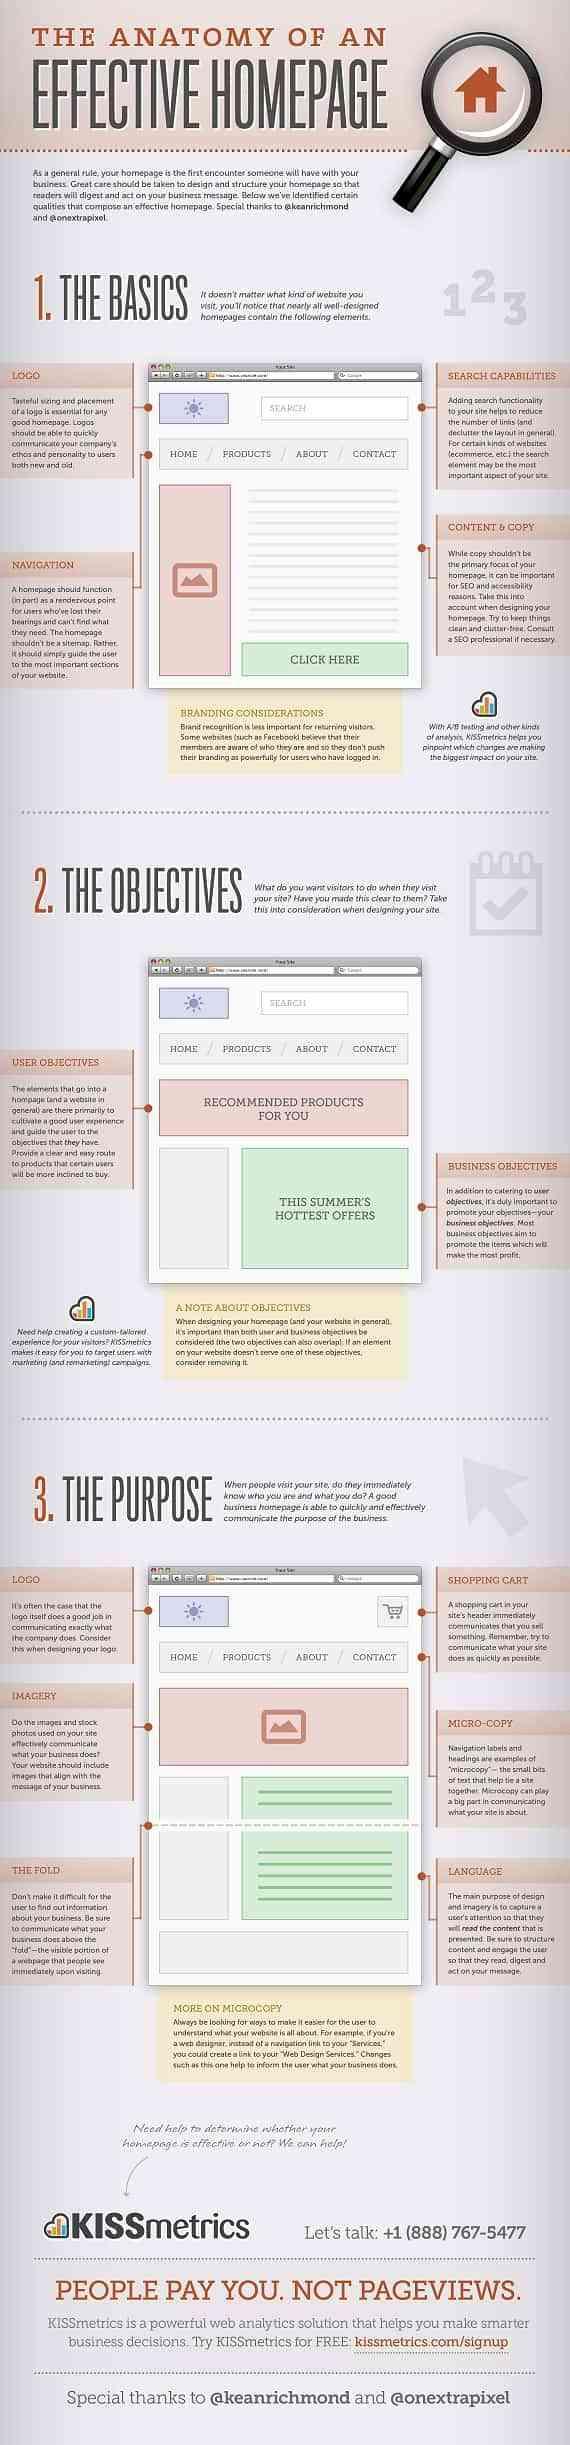 anatomia de una pagina efectiva